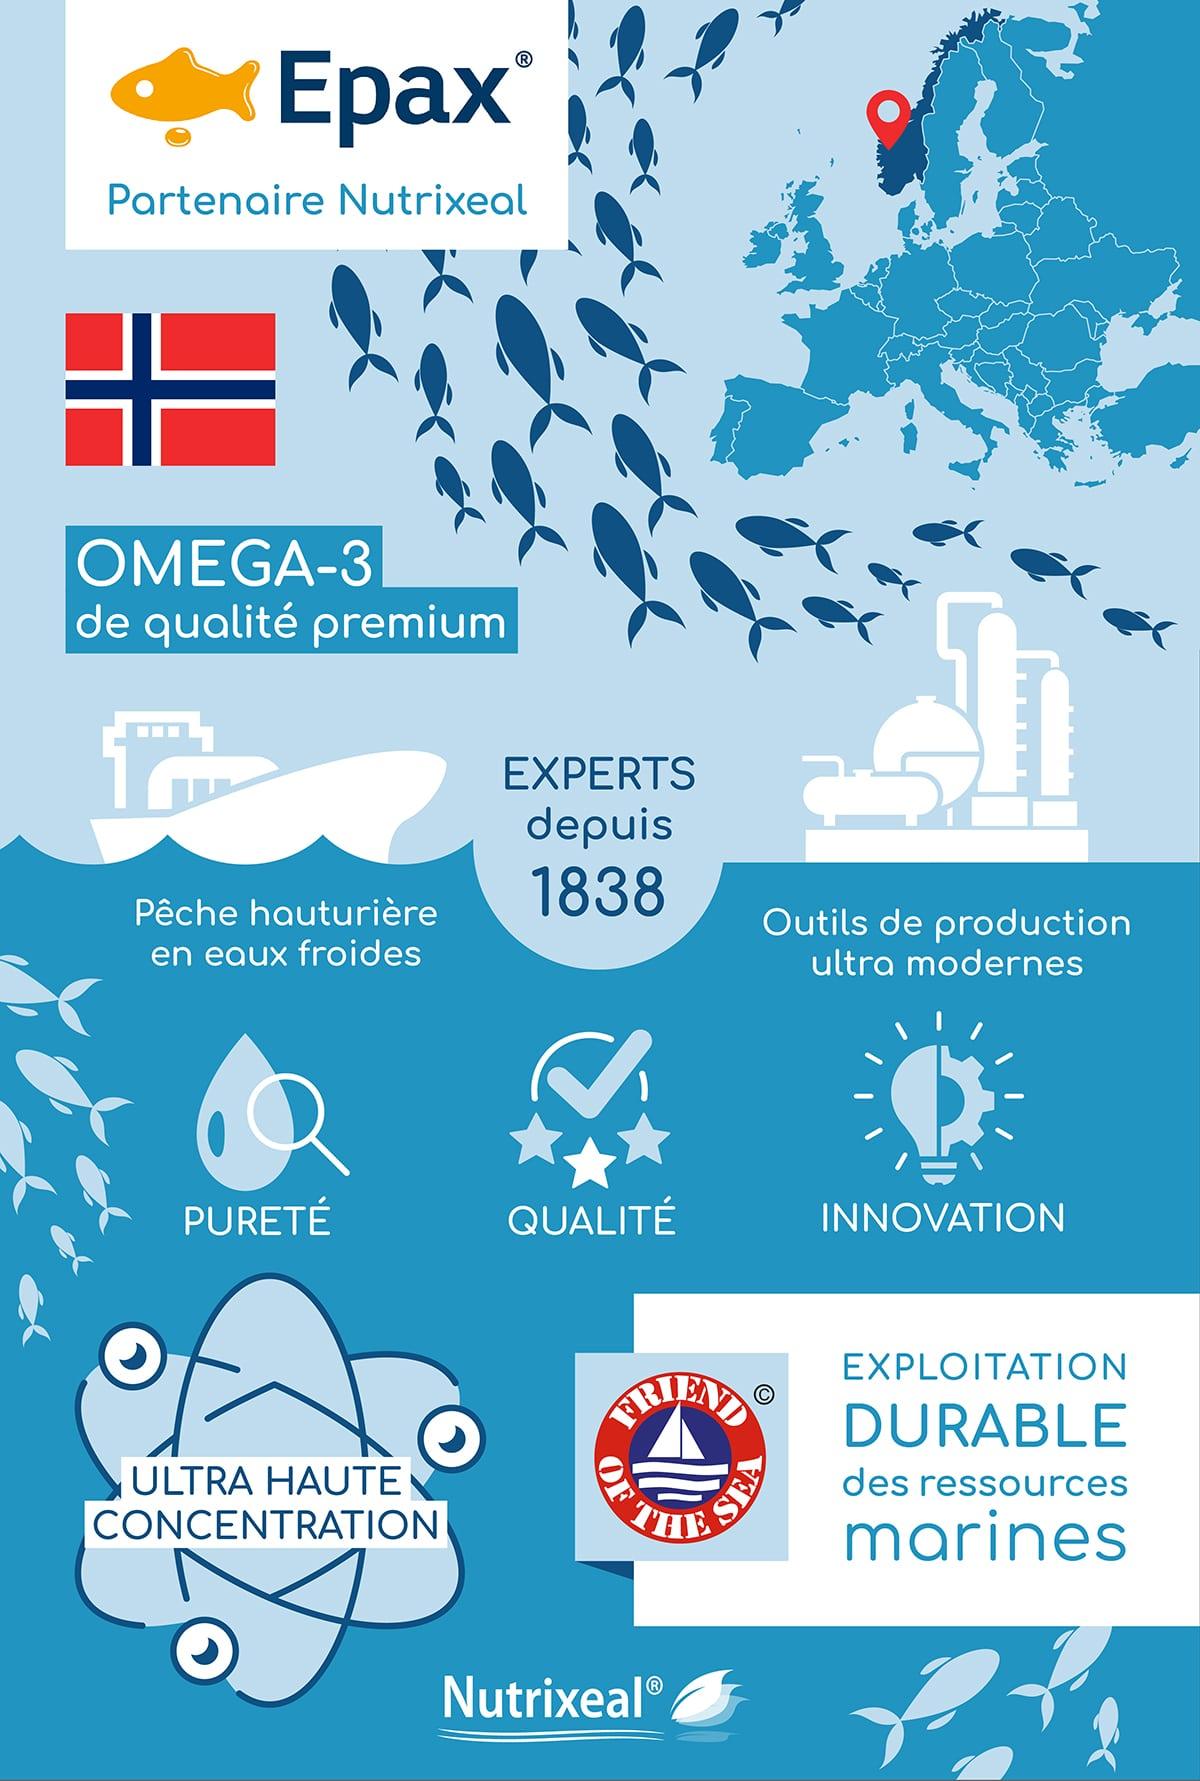 Epax, des omega-3 d'origine marine hautement concentrés et ultra purs.